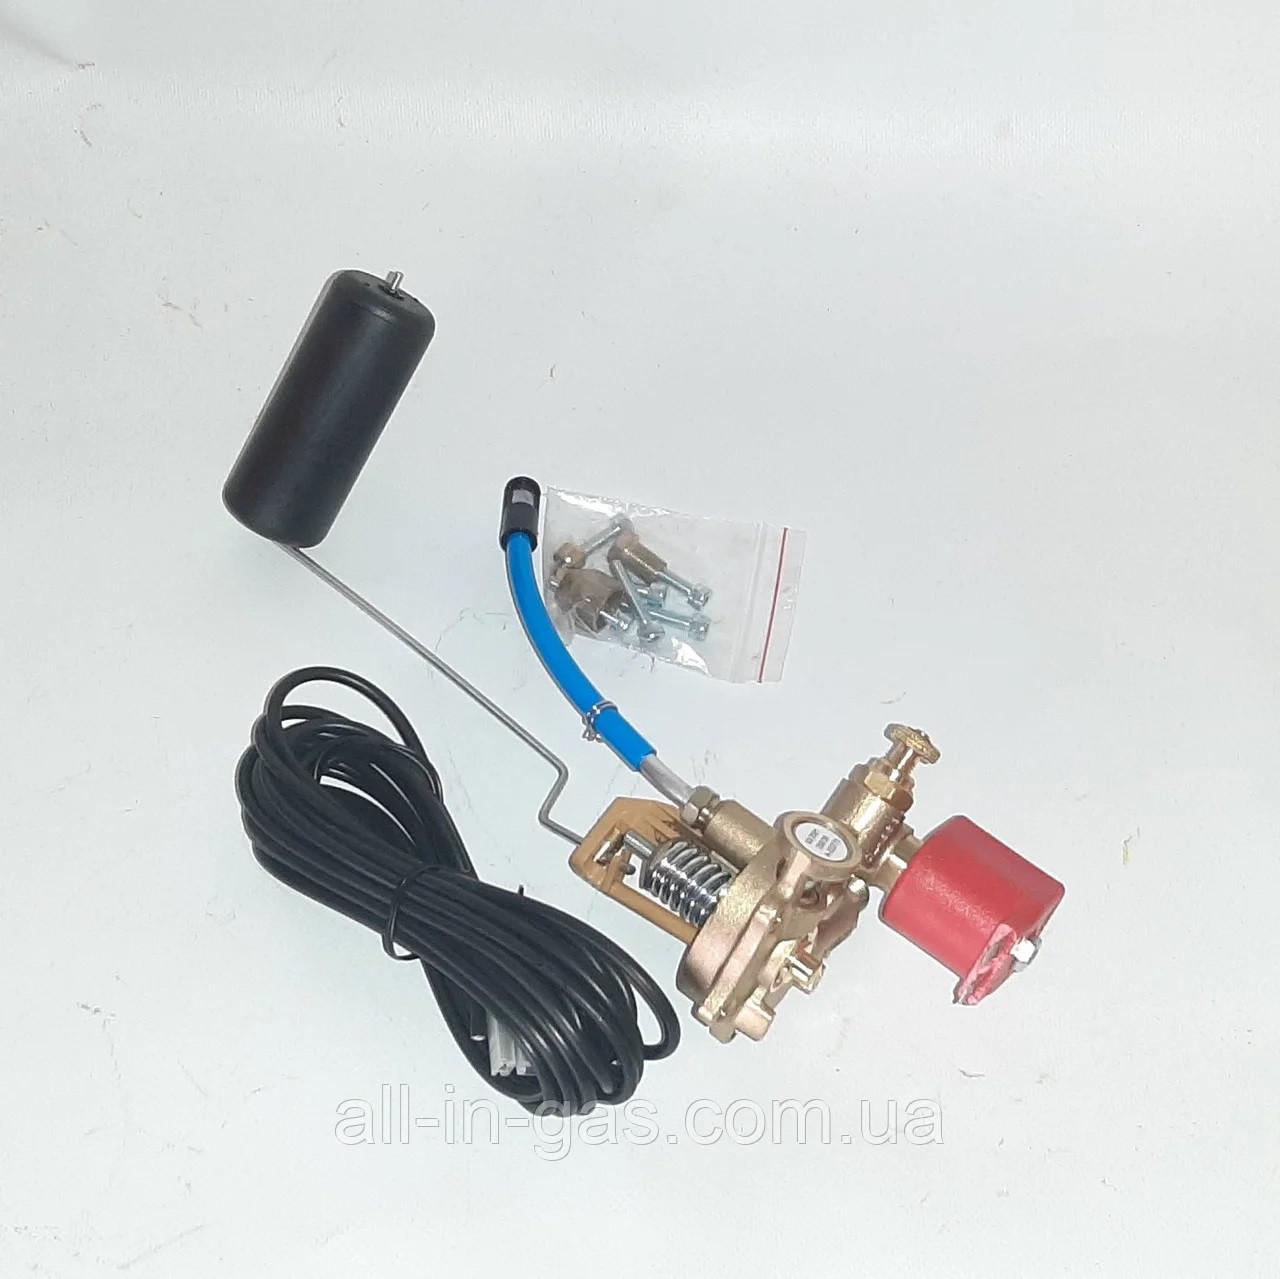 Мультиклапан AstarGas циліндричний 400/30 з котушкою M00021 AstarGas